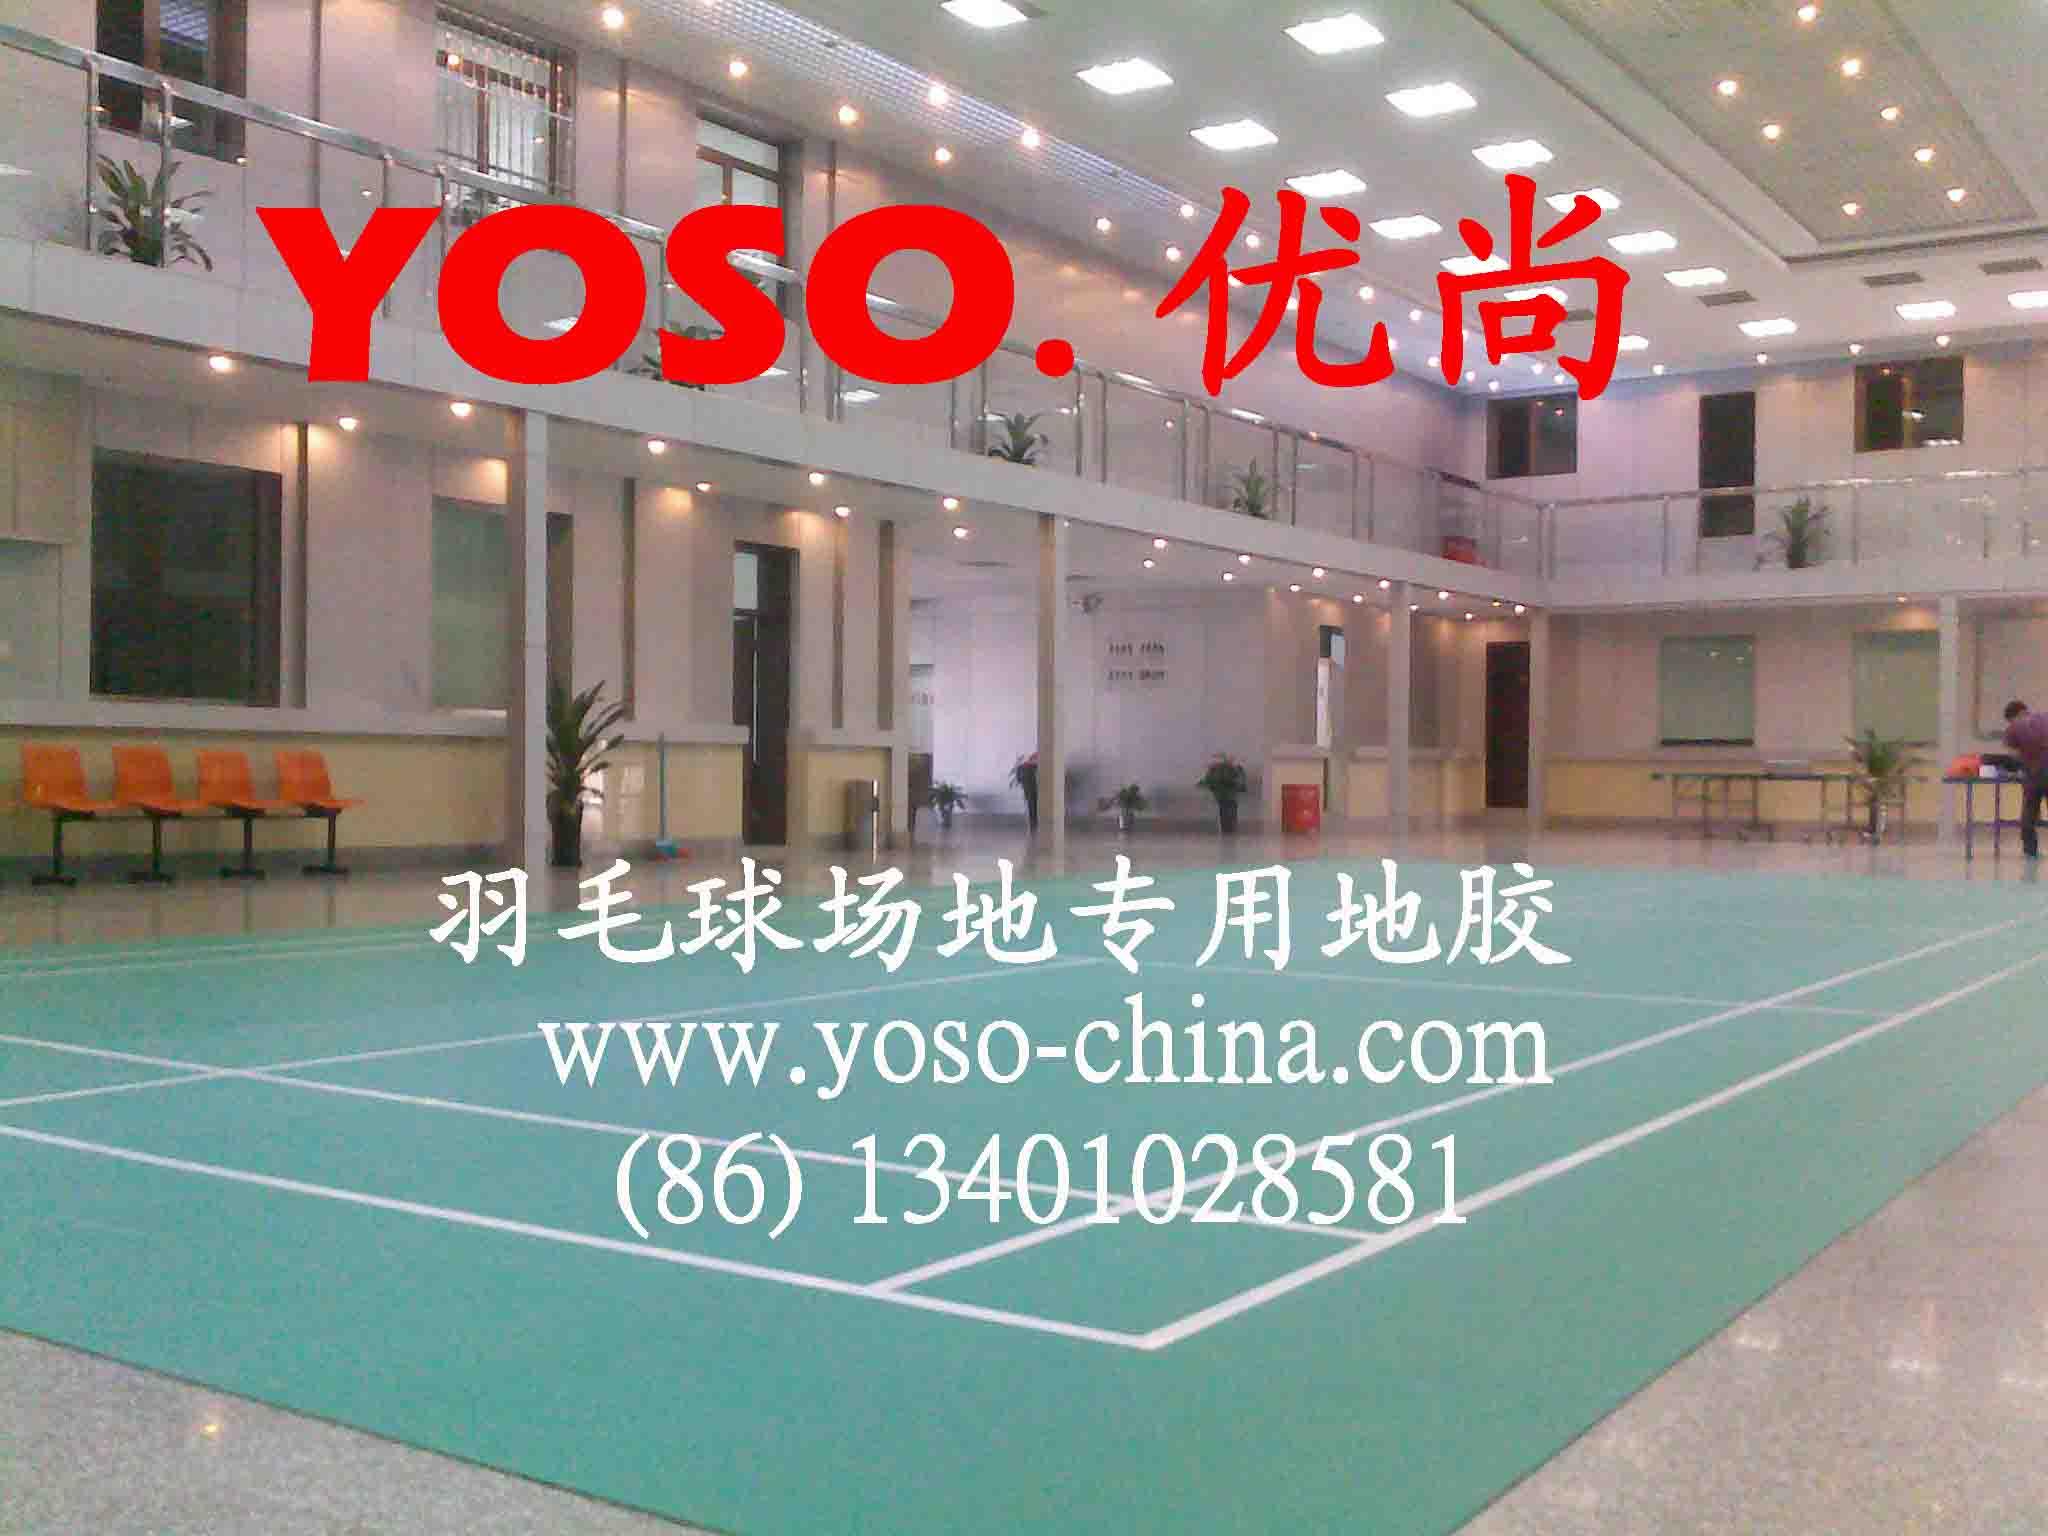 供应羽羽毛球球馆用地板,专业羽毛球训练用地板,比赛用羽毛...